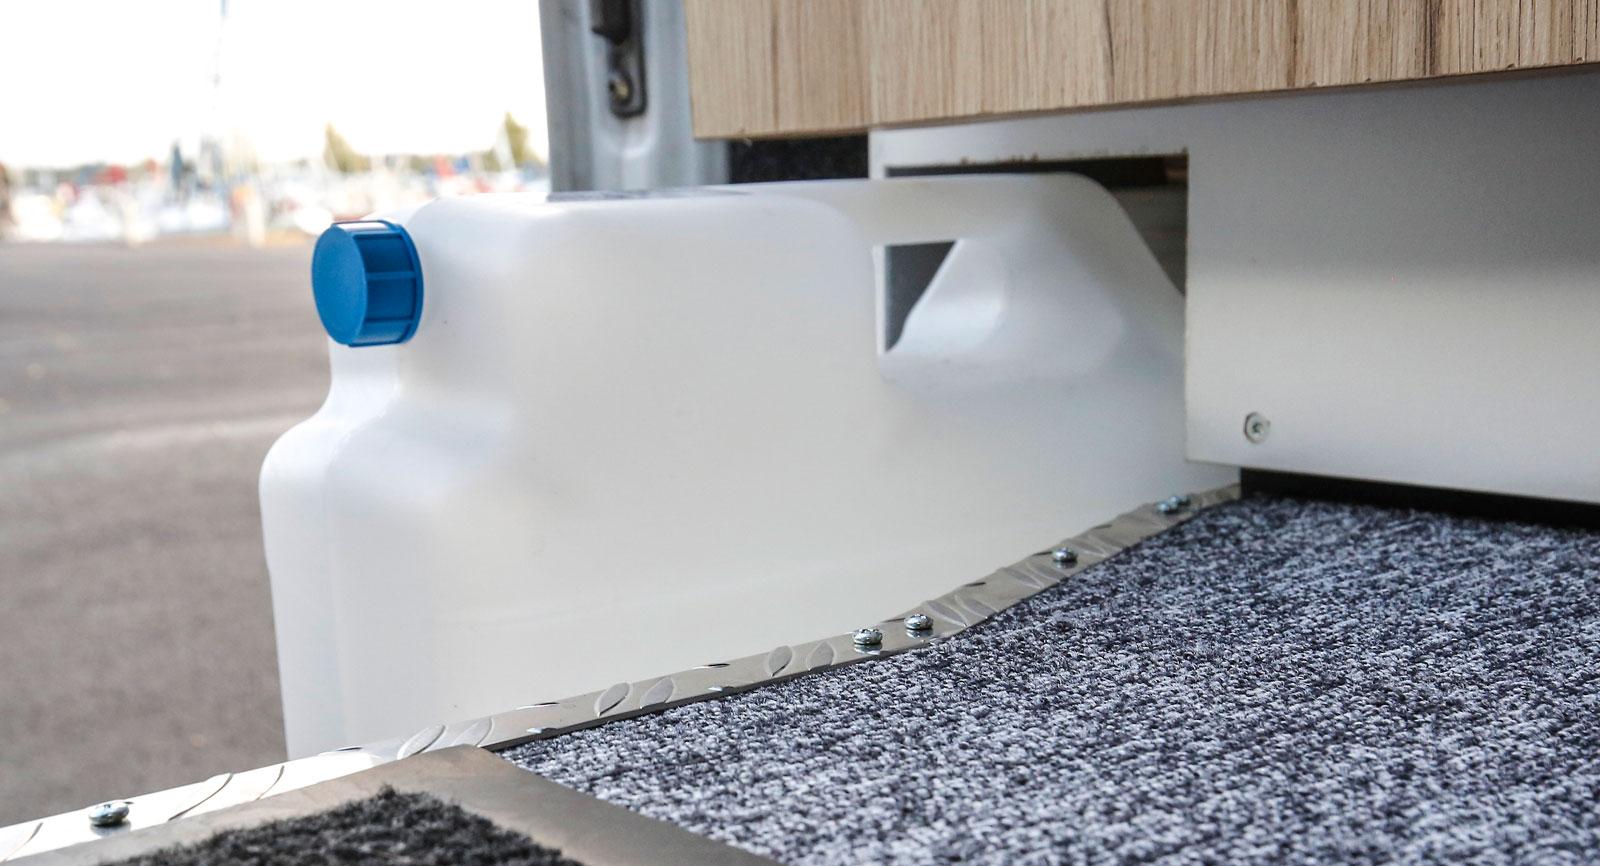 Spillvattnet hamnar i en plastdunk direkt vid skjutdörren och kan enkelt tömmas.